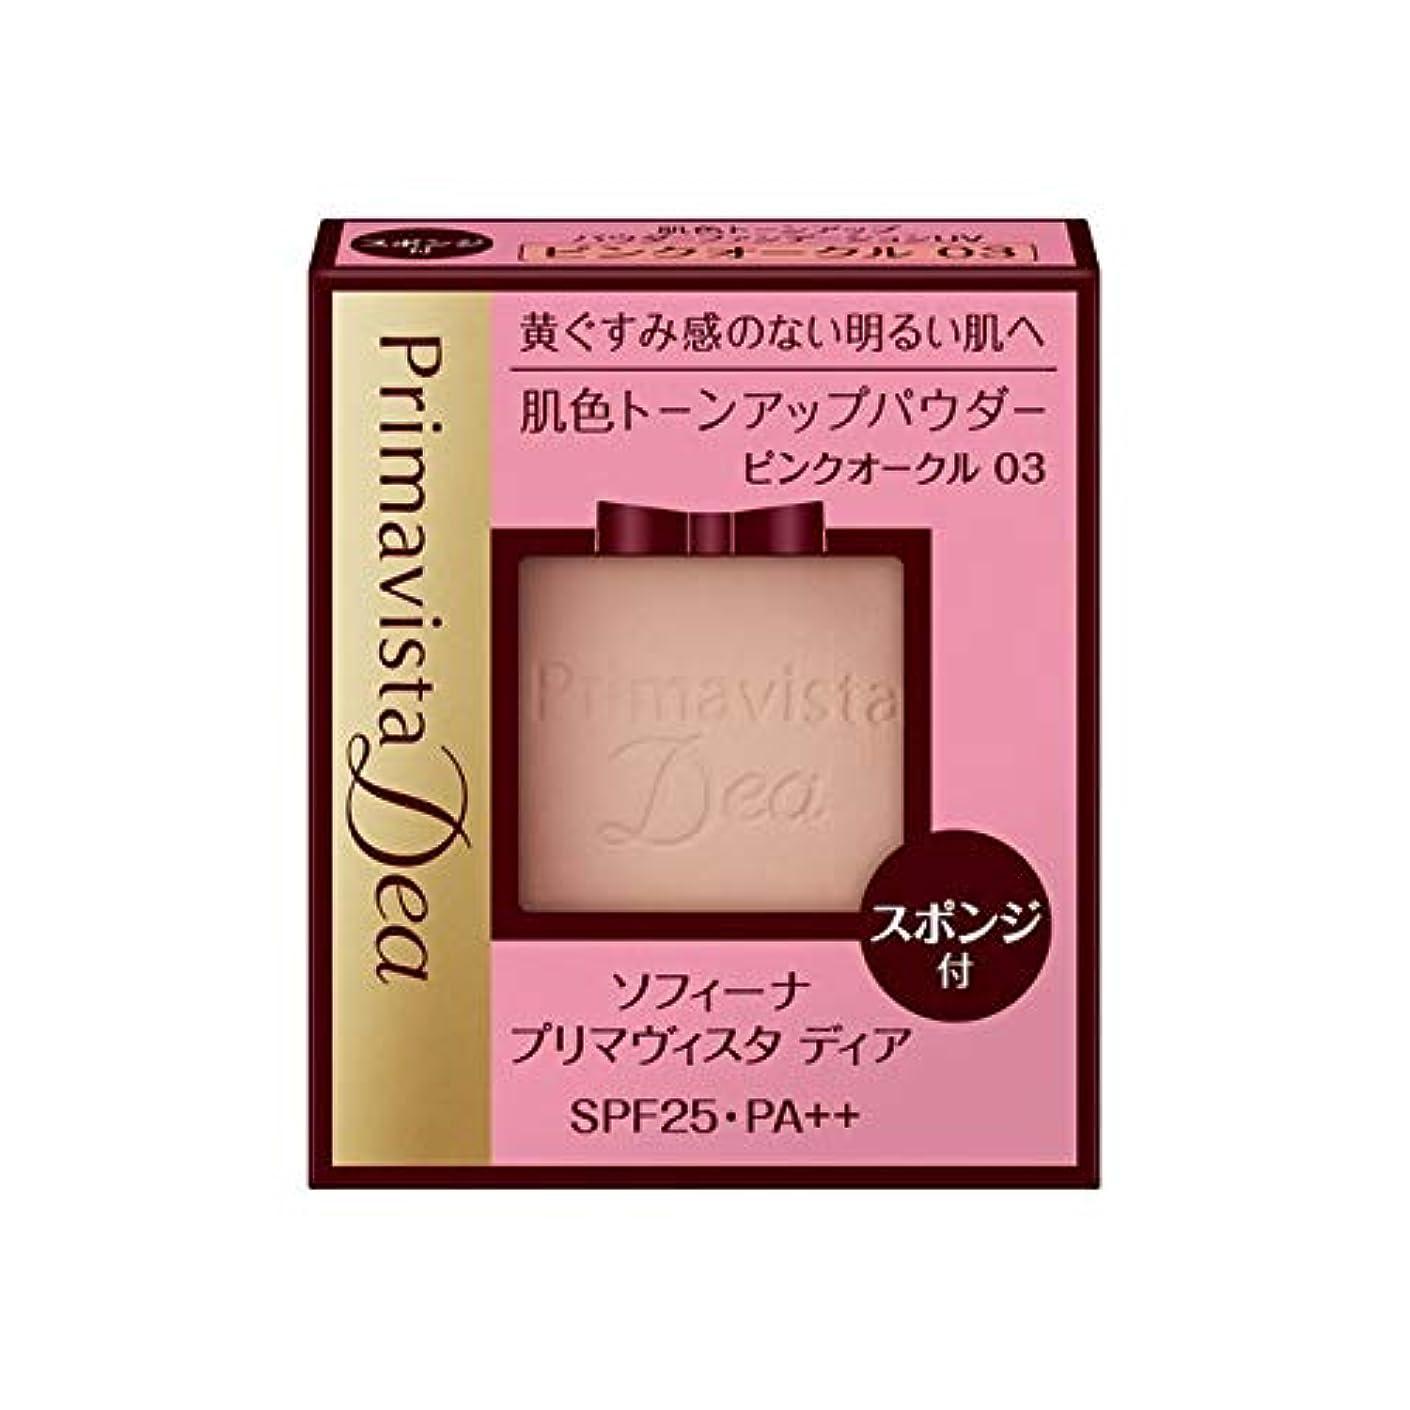 シネマサリーパワープリマヴィスタディア パウダーファンデーション UV 肌色トーンアップ ピンクオークル03 (レフィル) 花王 ソフィーナ